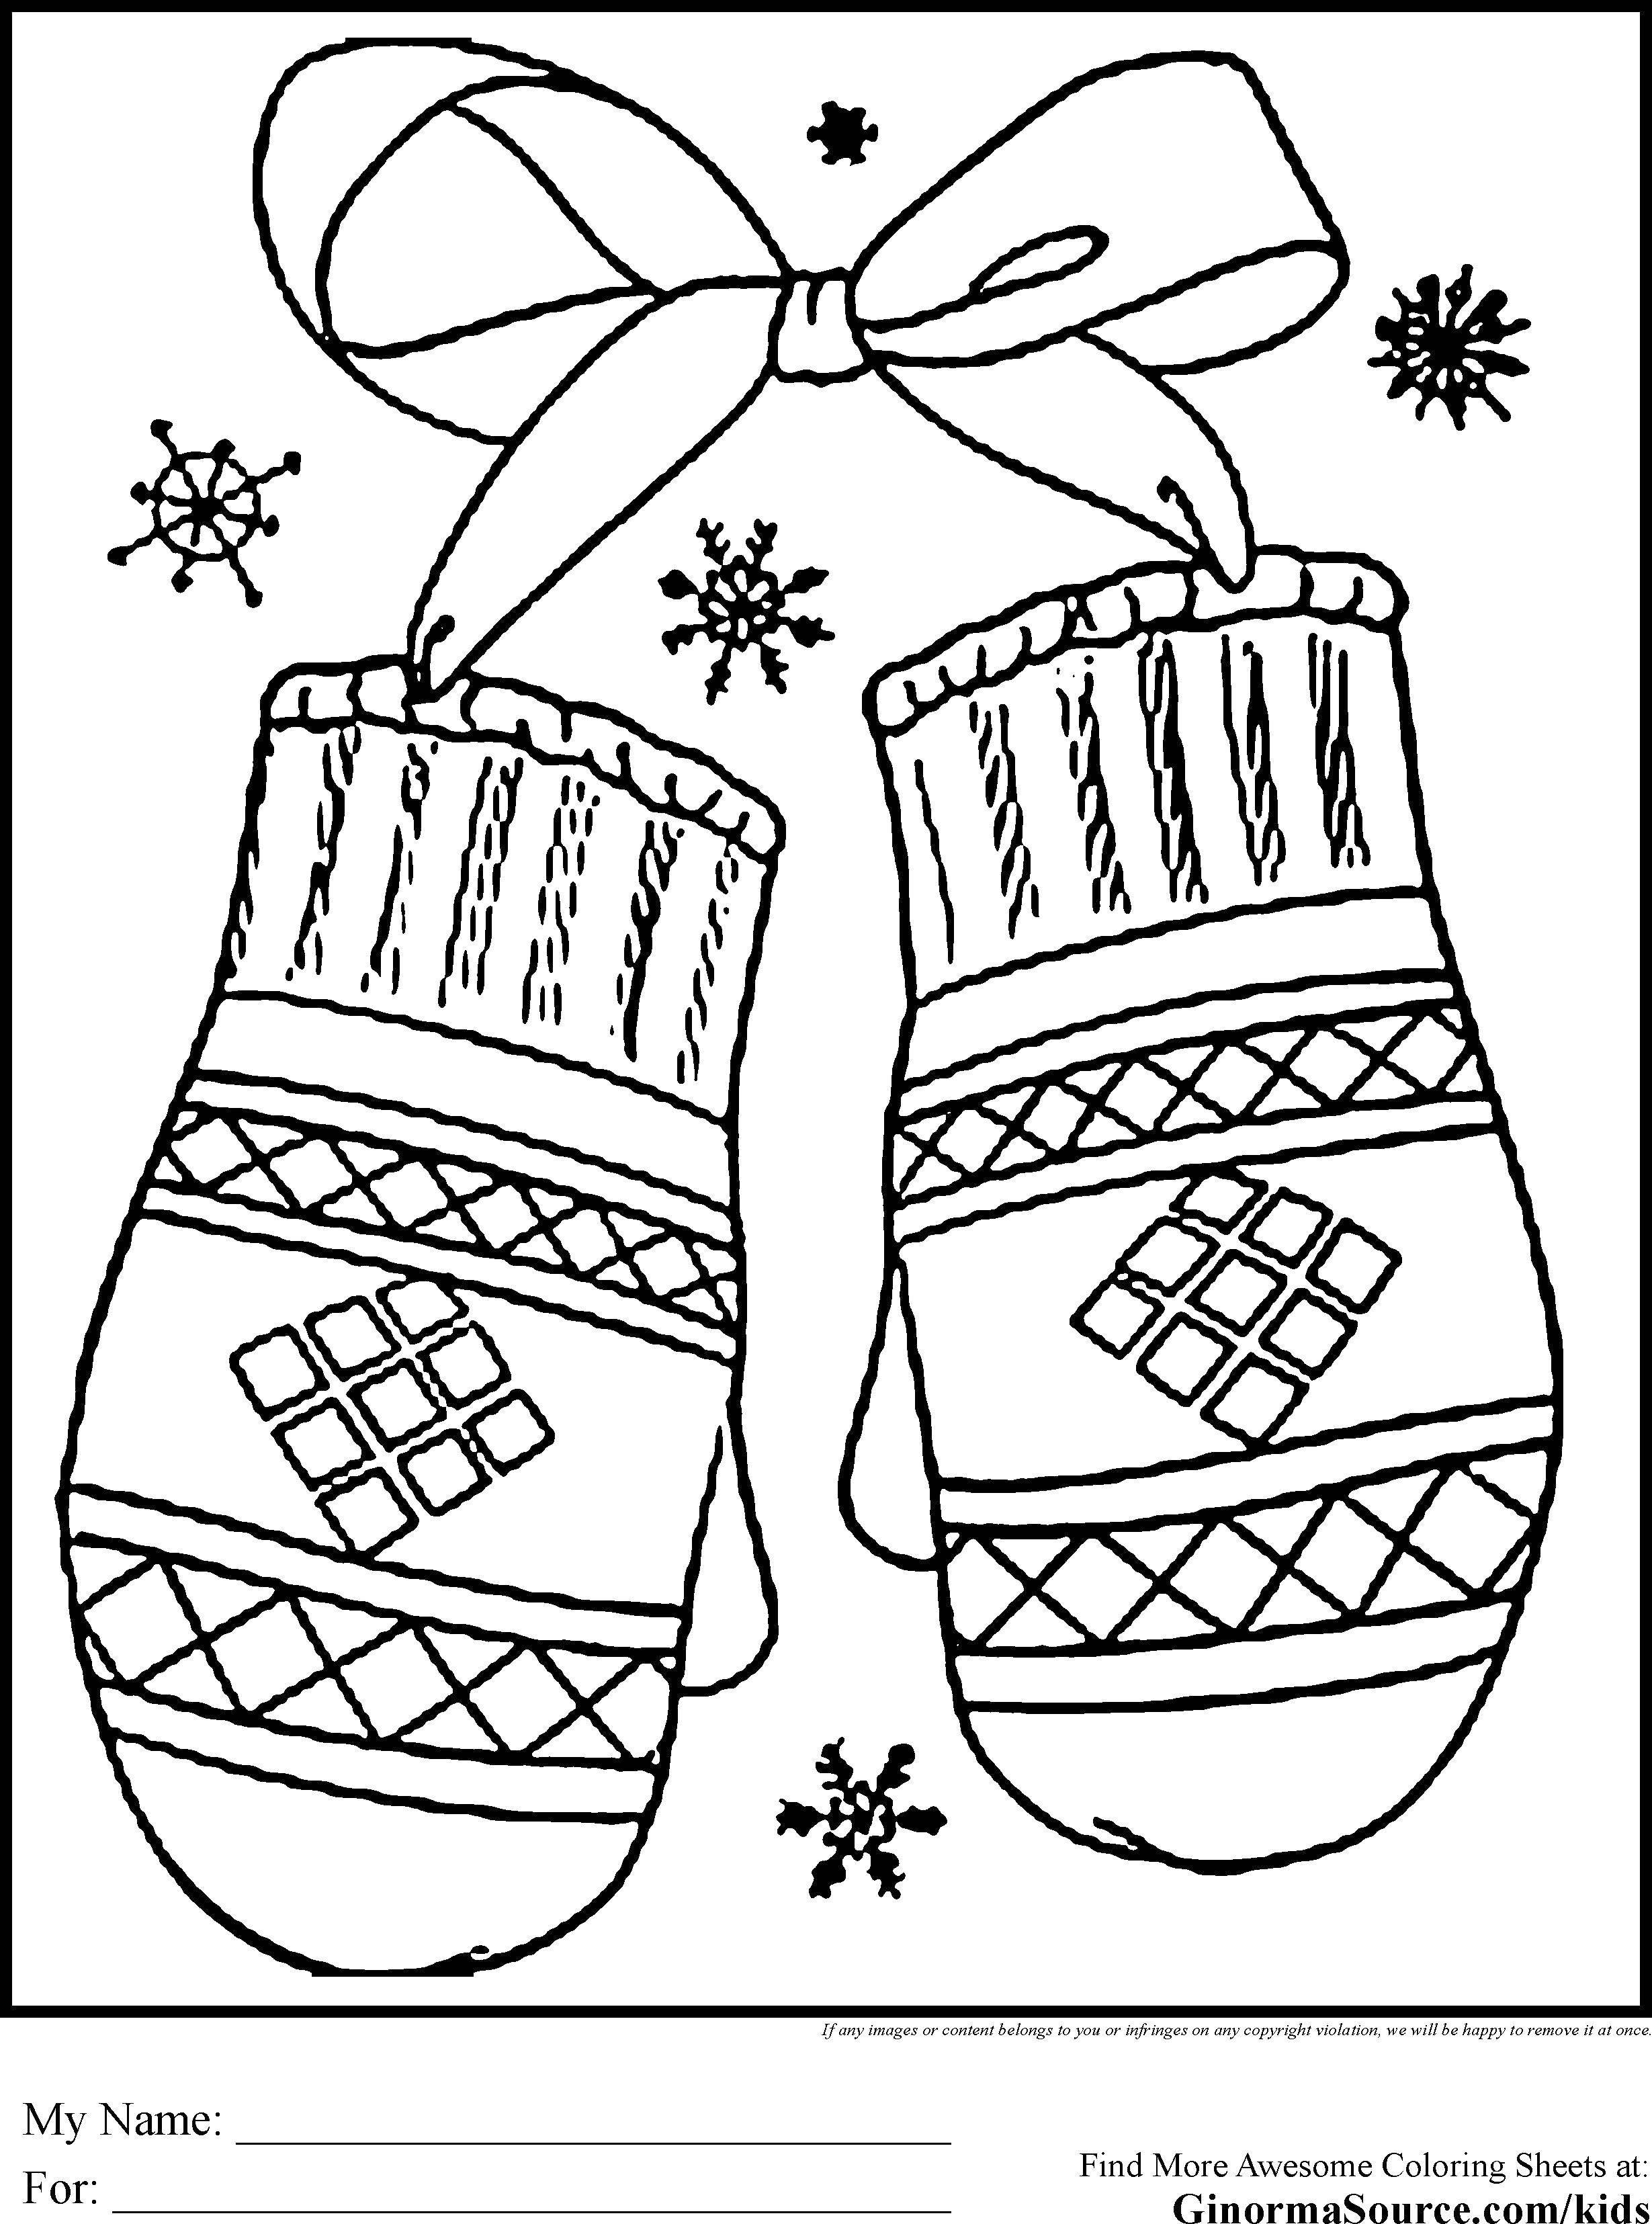 Раскраска Варежки и снежинки. Скачать варежки, снежинки, бантик.  Распечатать ,зима,